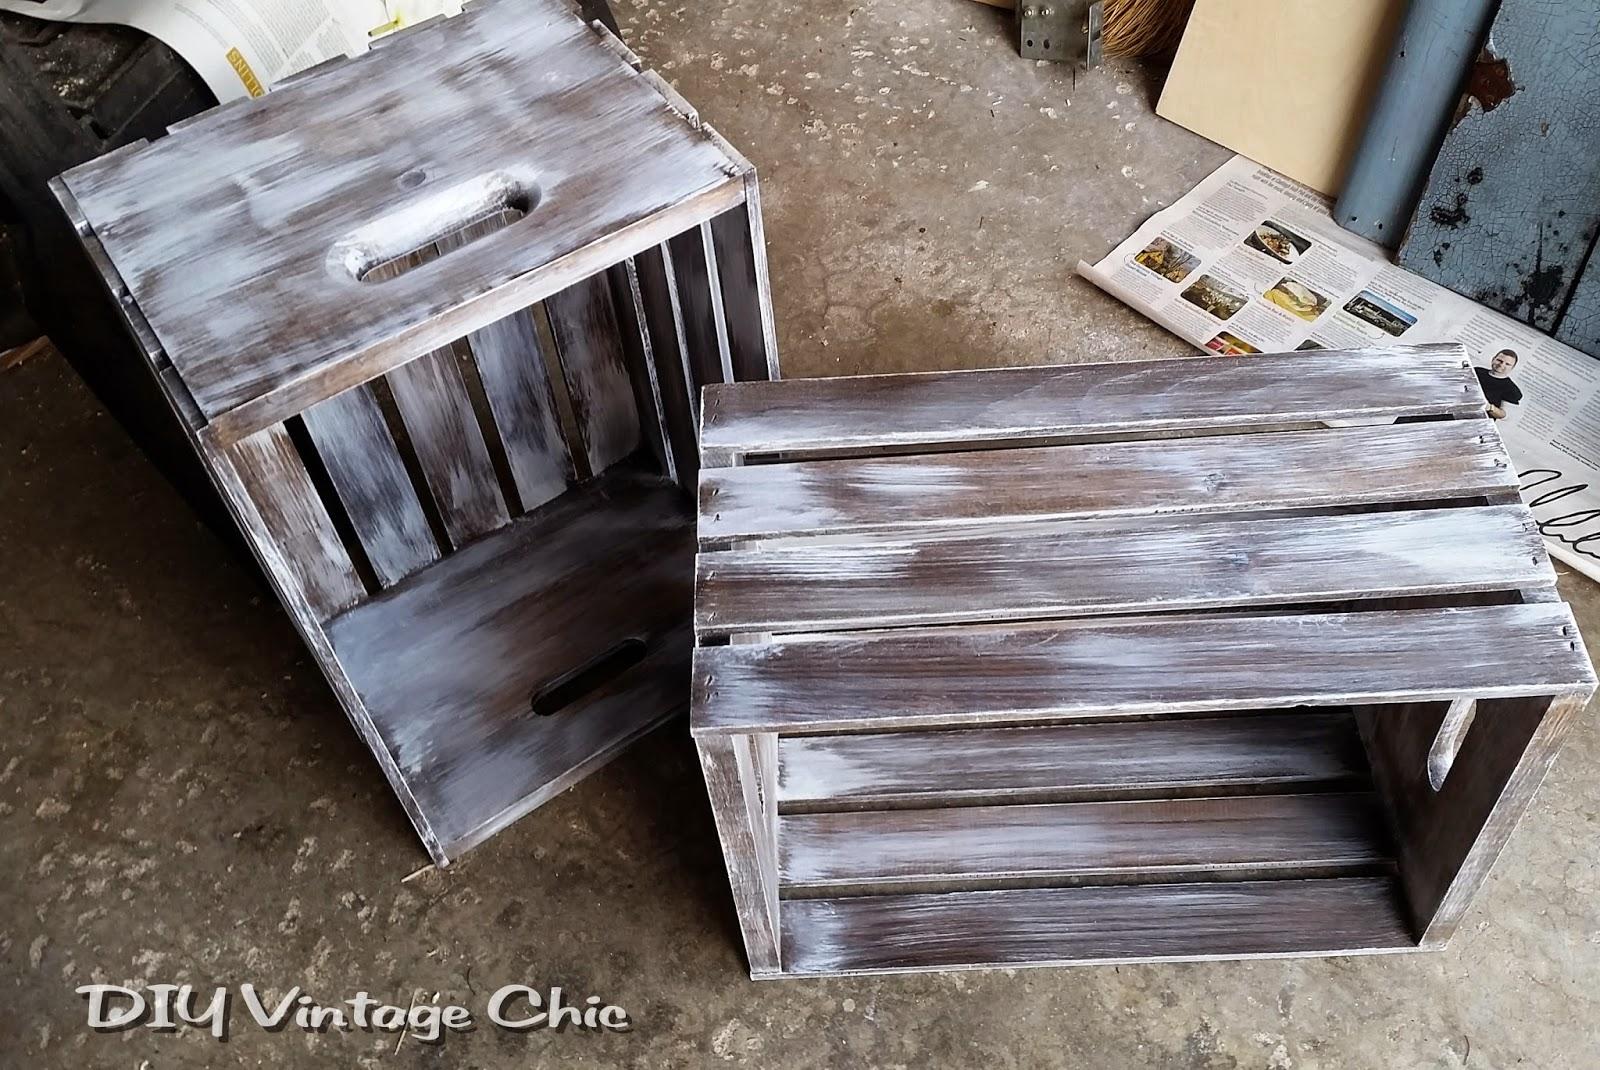 DIY Vintage Chic DIY Vintage Wine Crate Coffee Table Whitewash